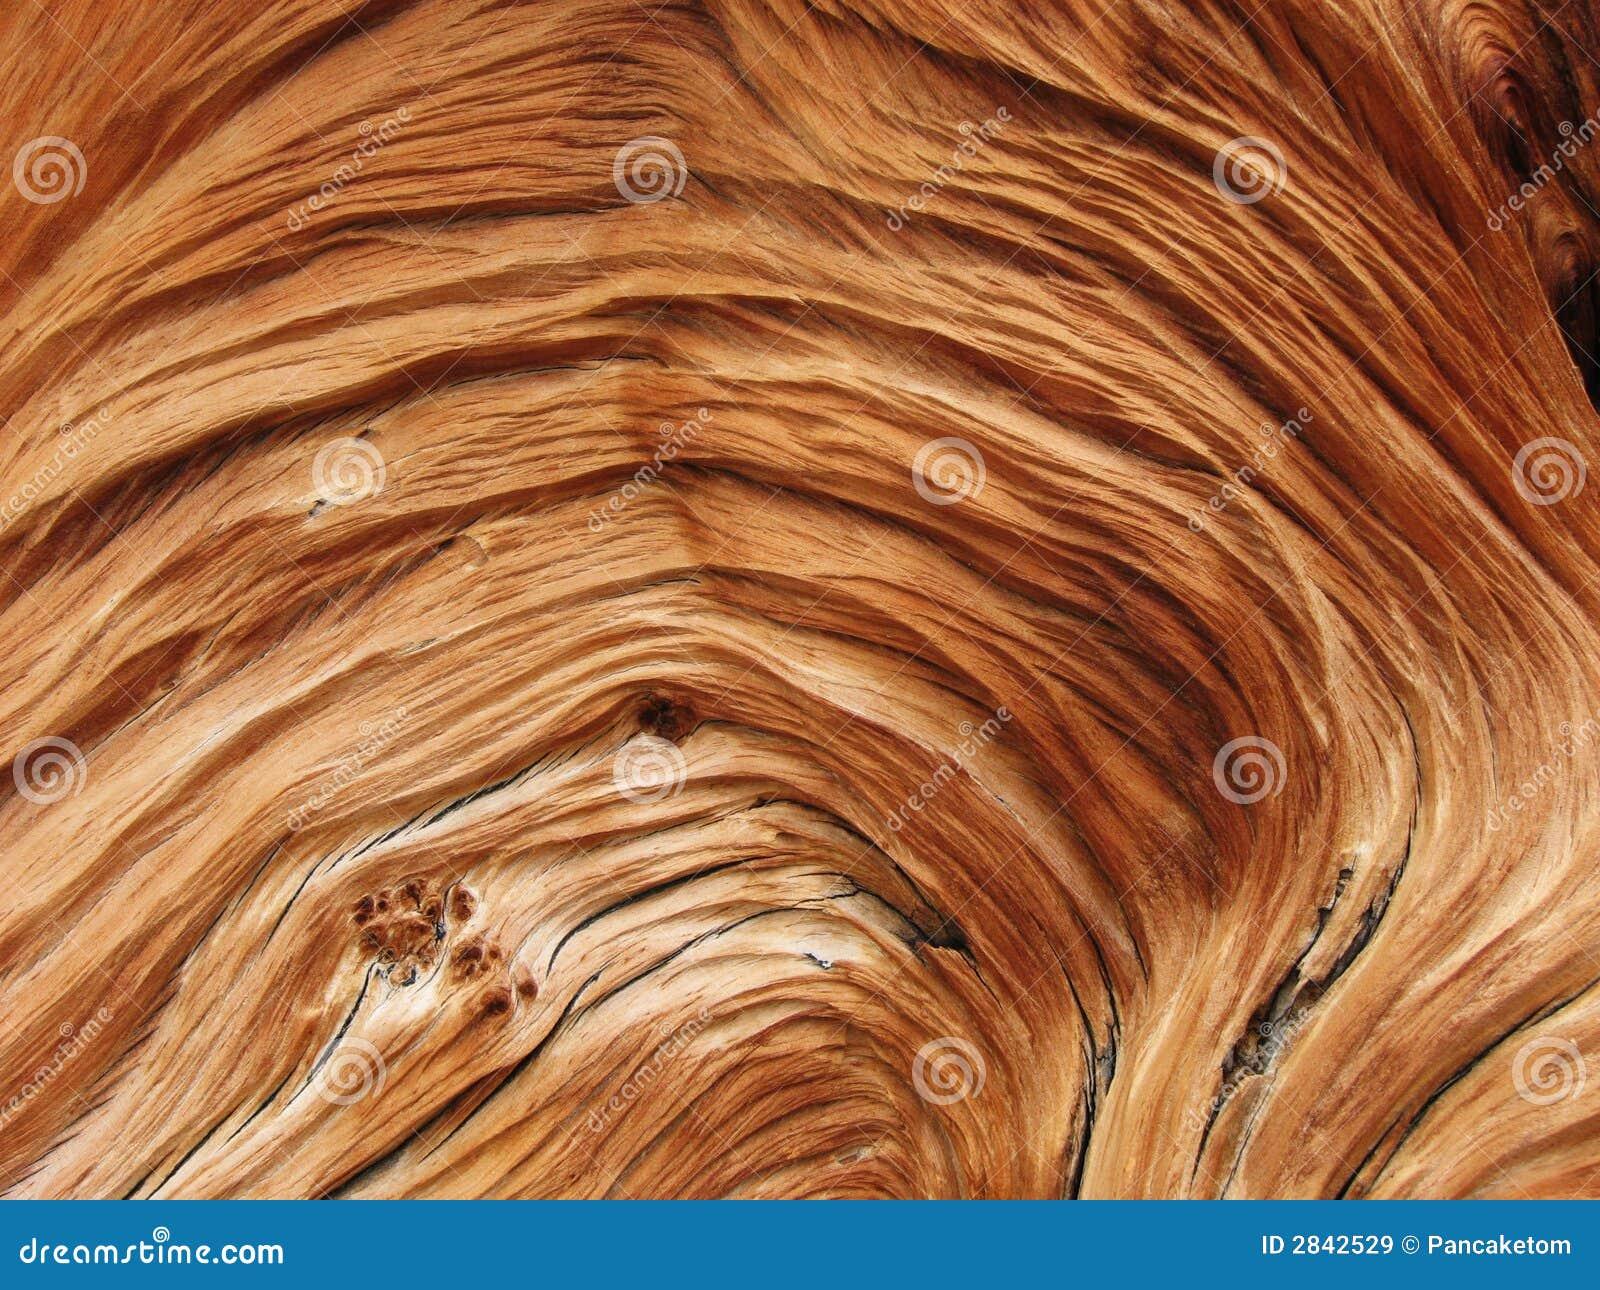 谷物扭转的木头